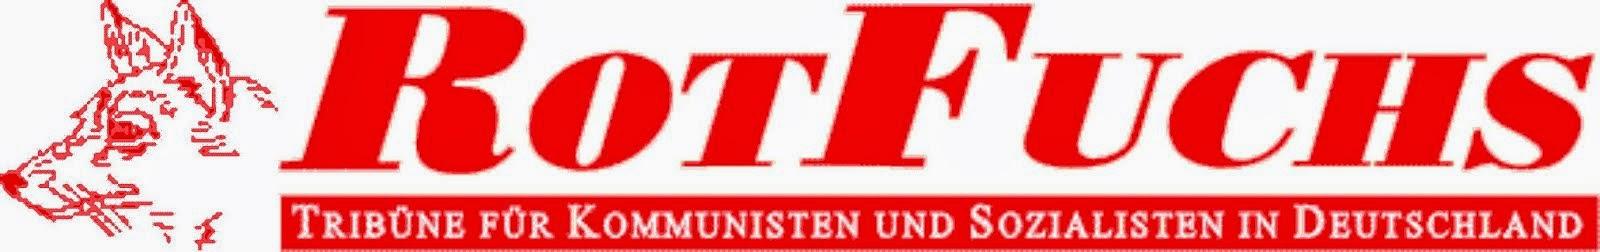 RotFuchs - Tribüne für Kommunisten und Sozialisten in Deutschland